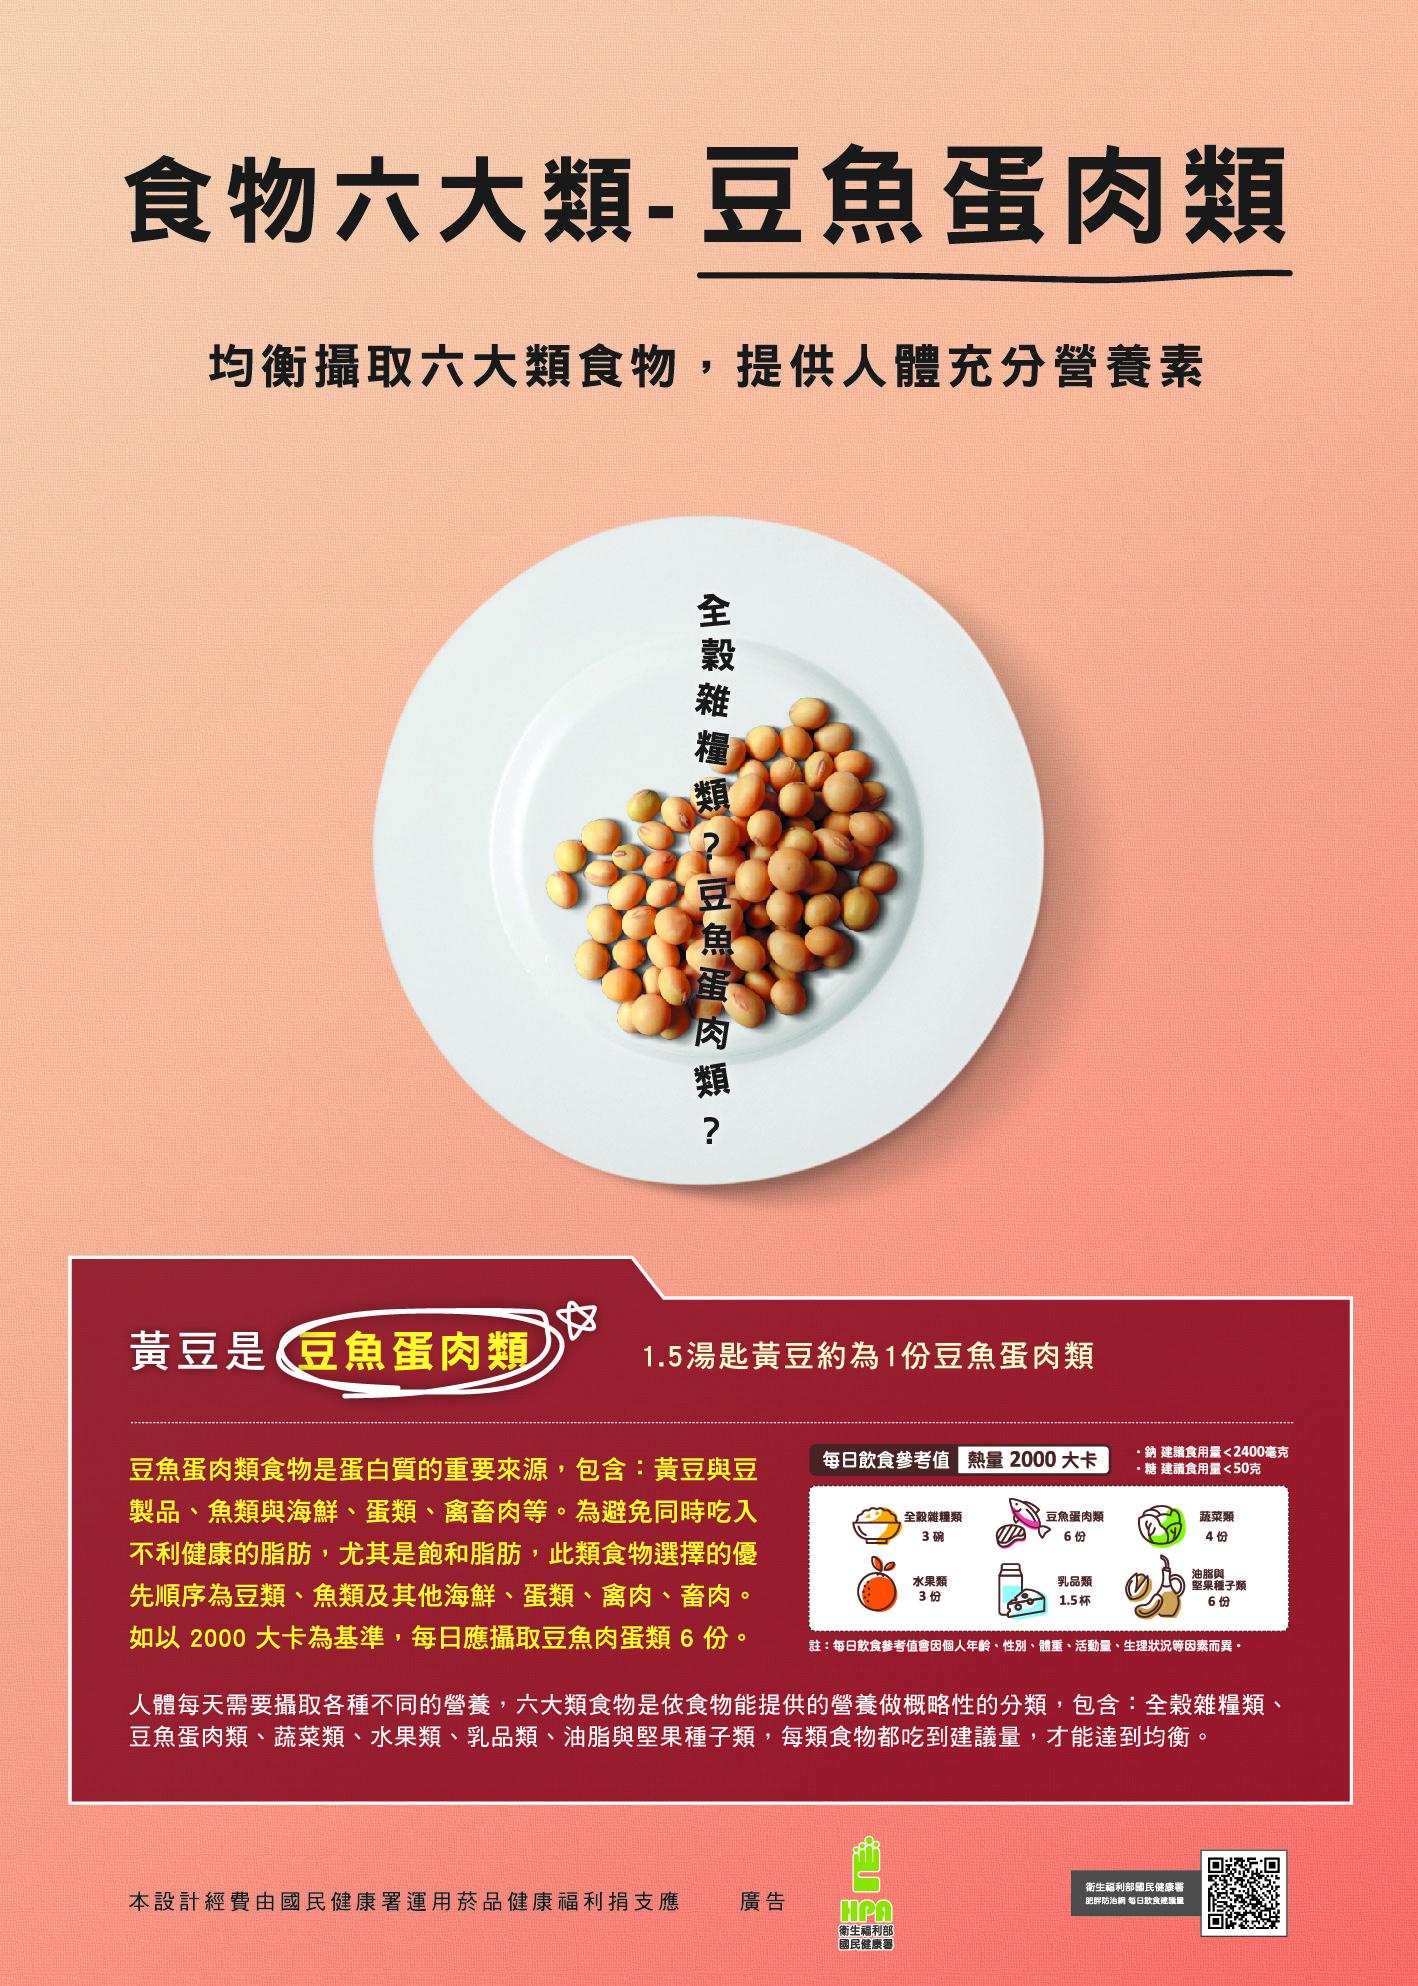 食物六大類-豆魚蛋肉類